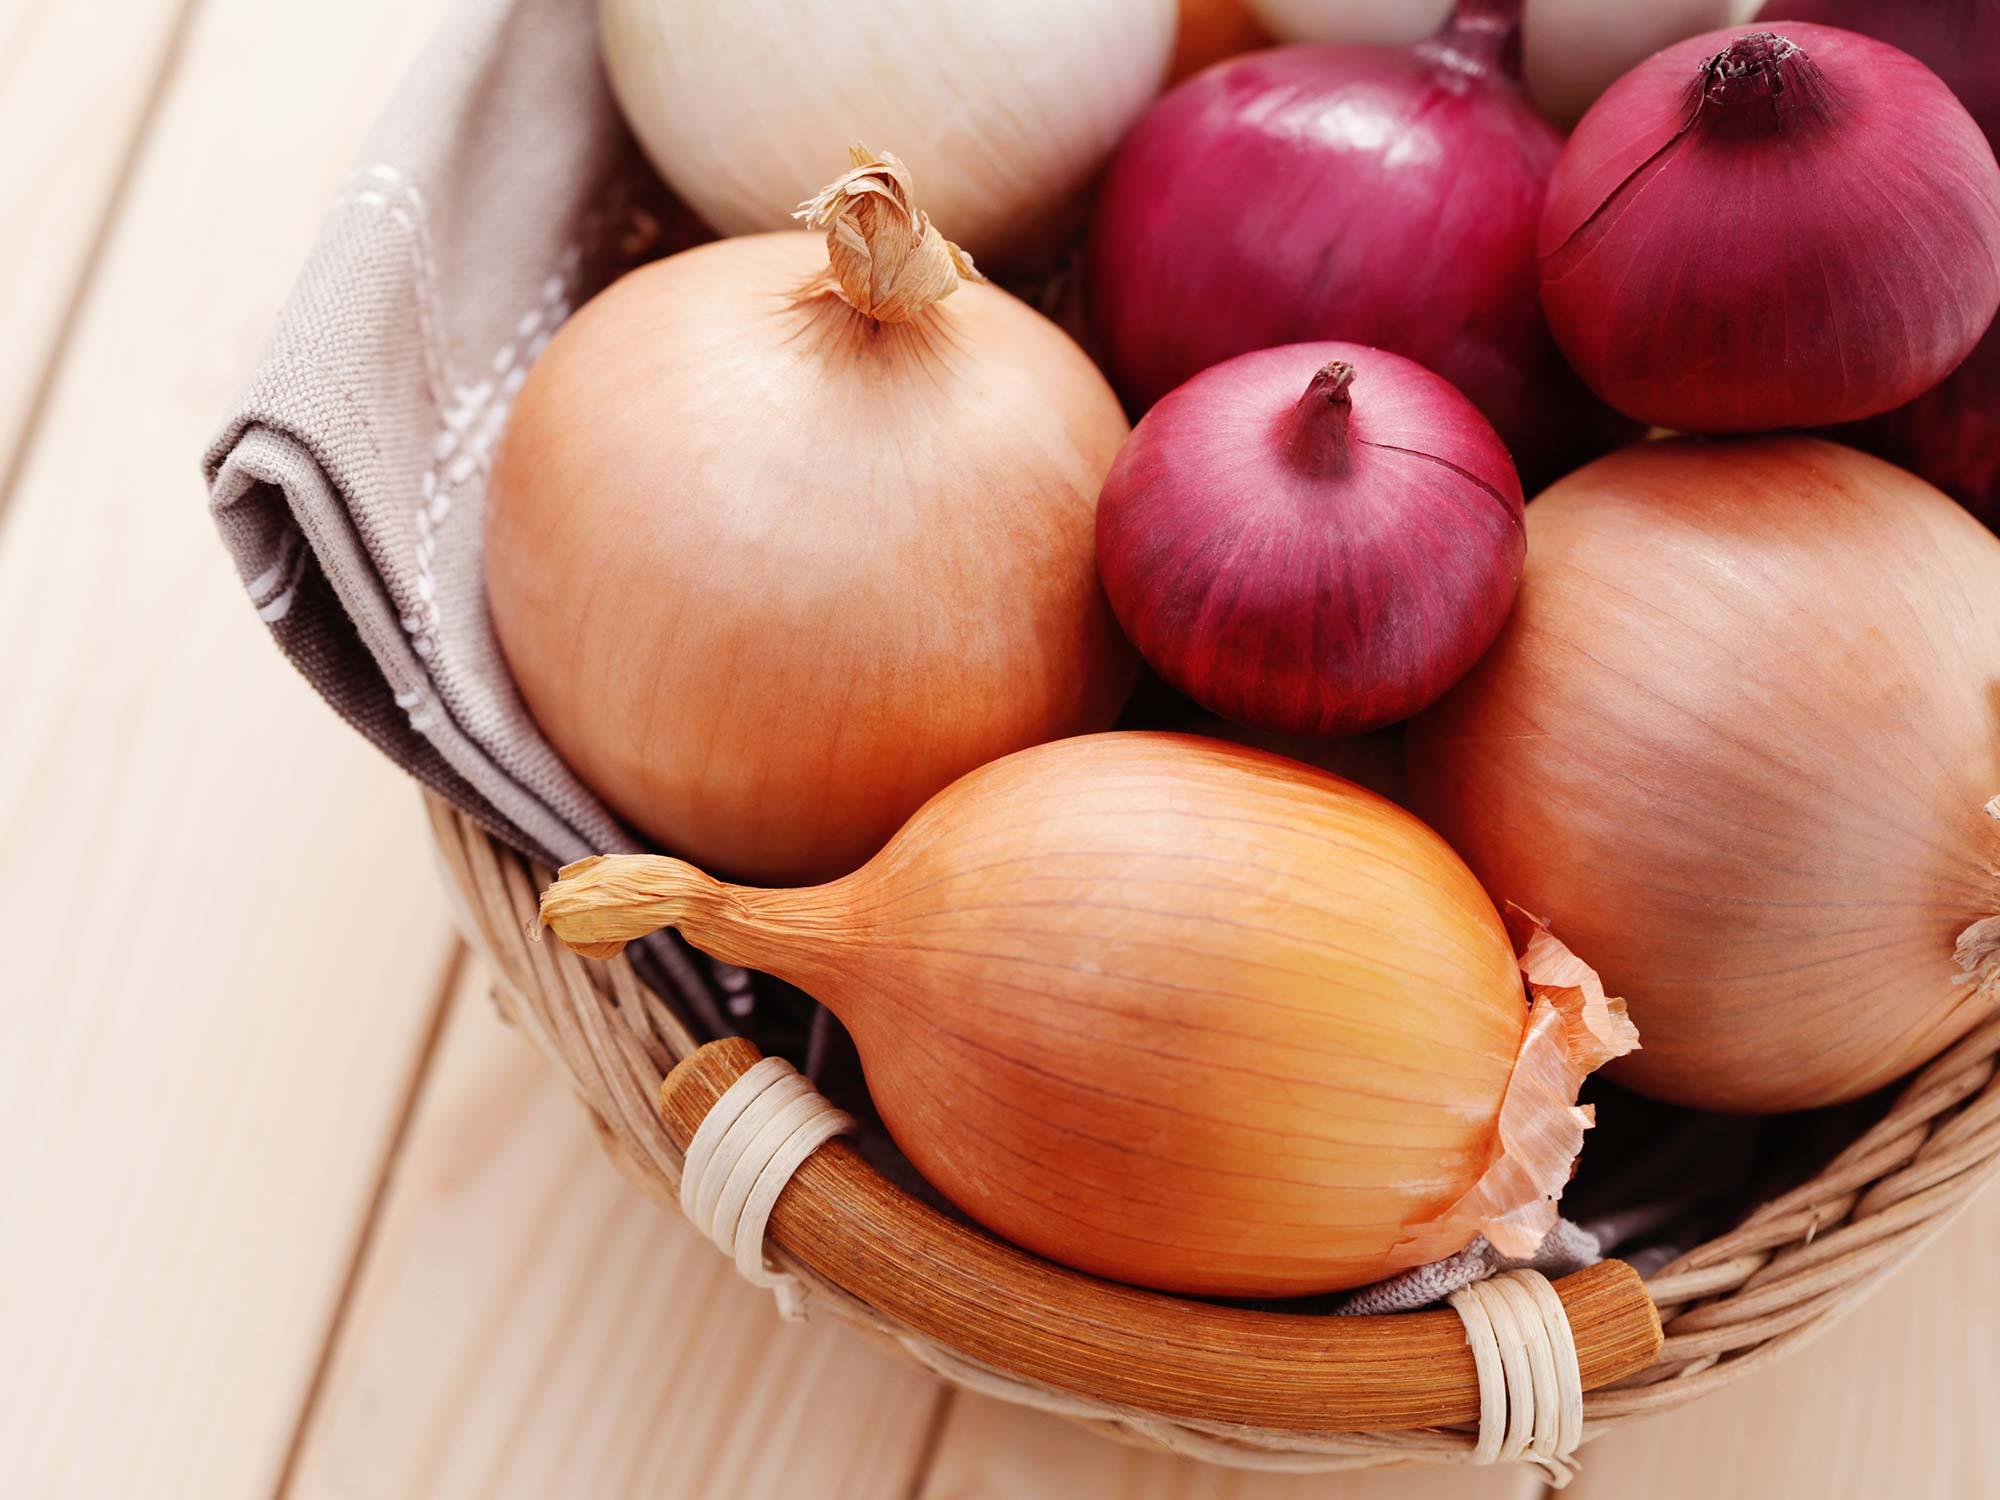 خواص درمانی پیاز در طب سنتی